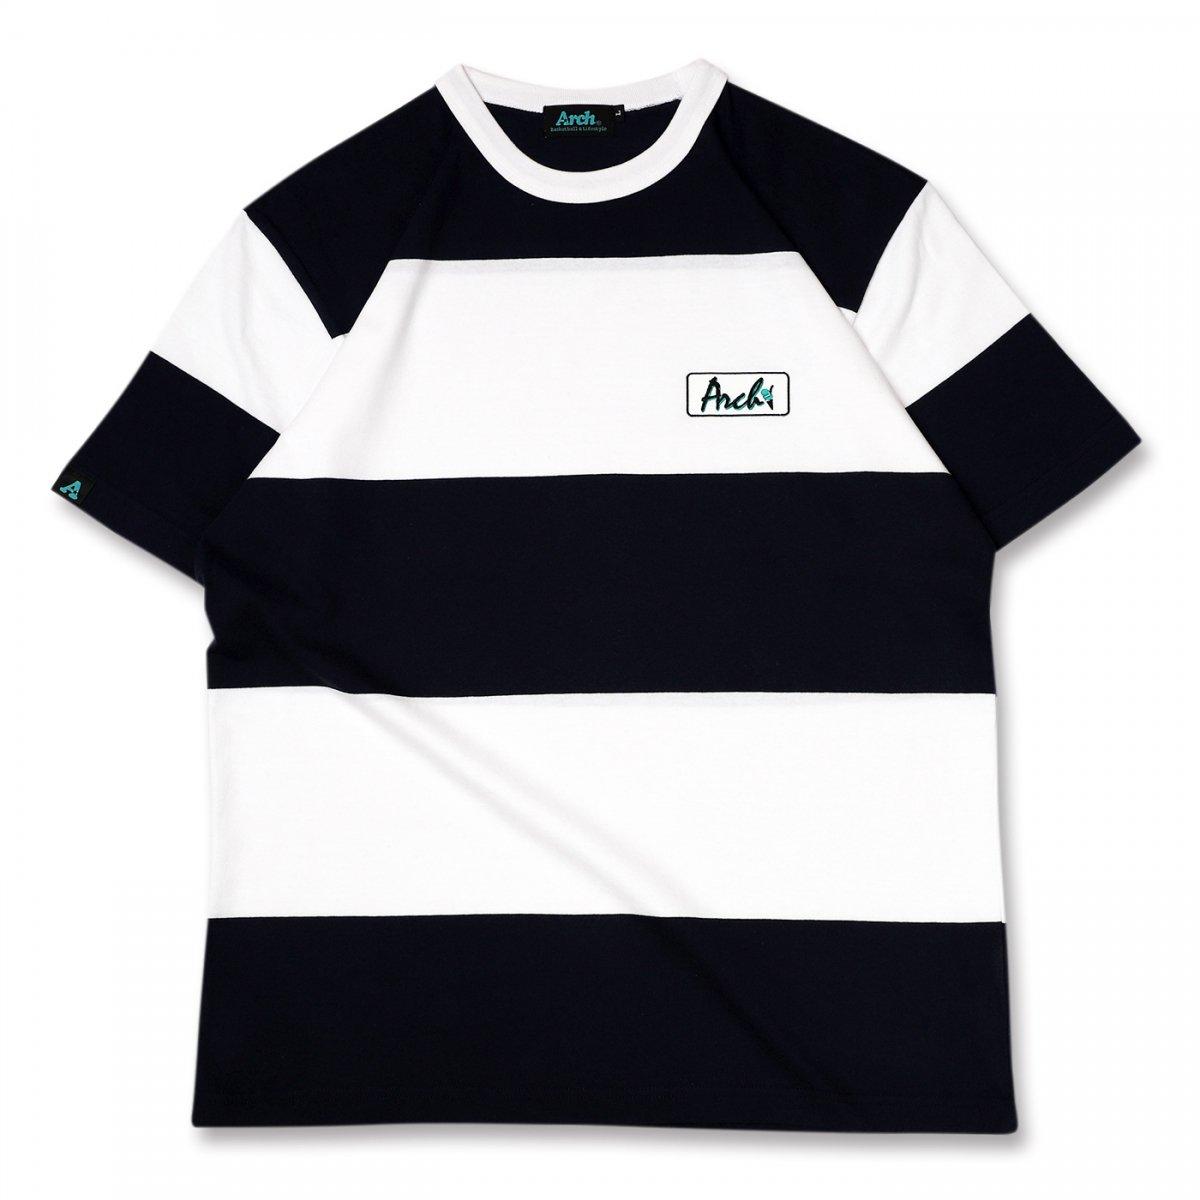 ボーダー Tシャツ ブラック/ホワイト